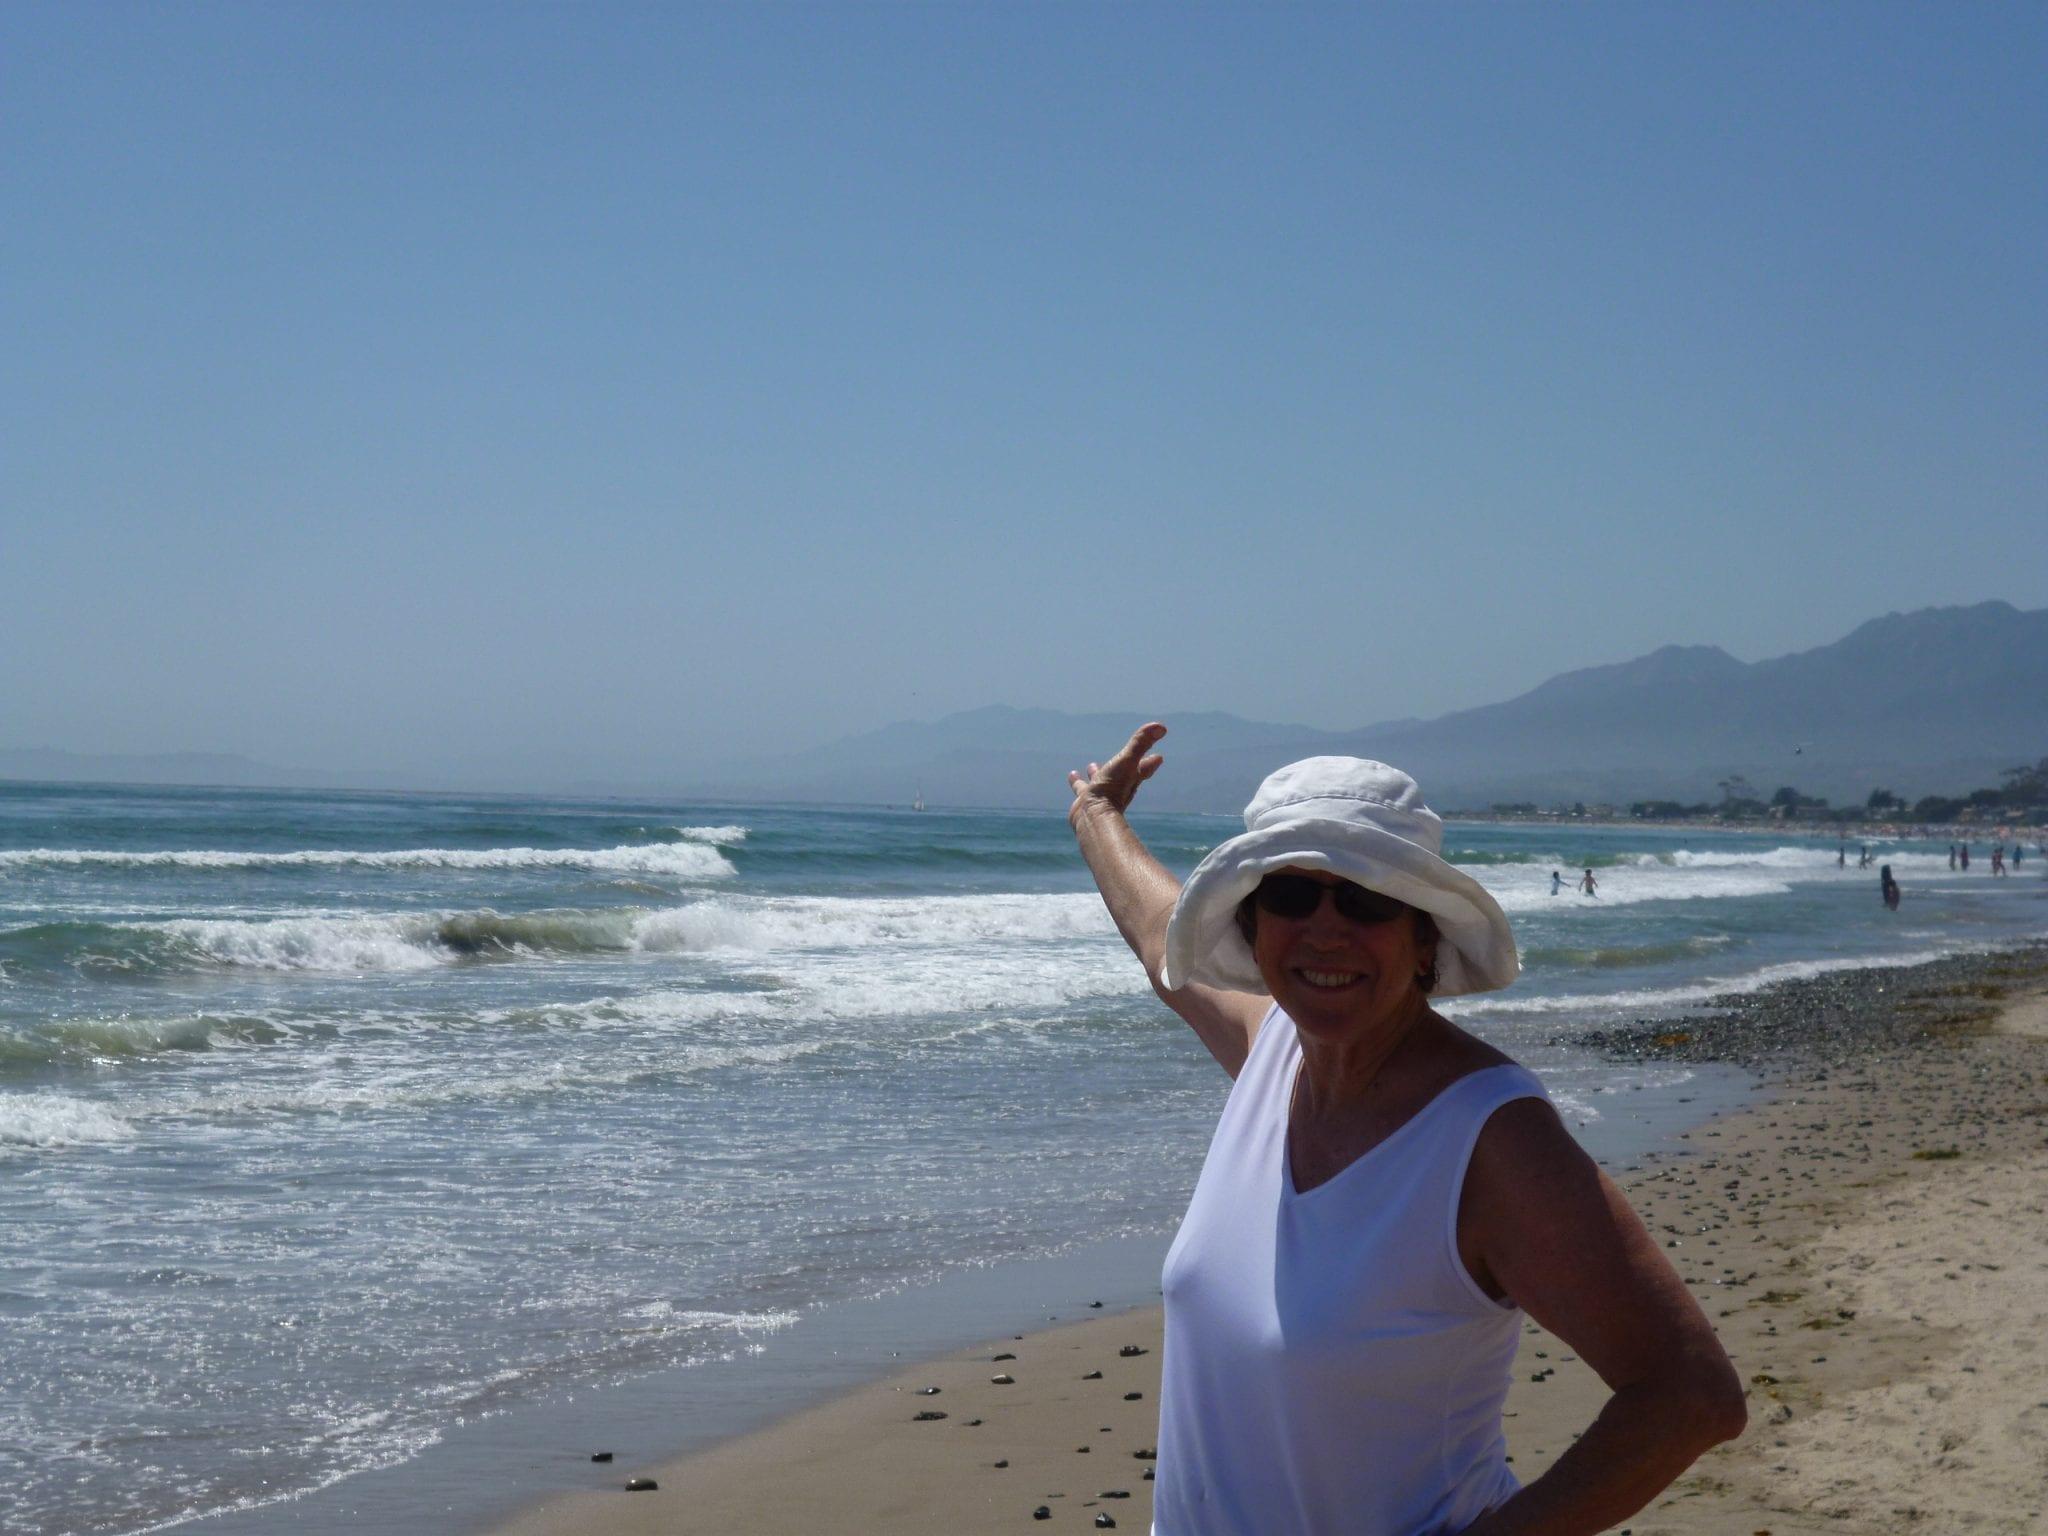 # 1 Linda at the beach